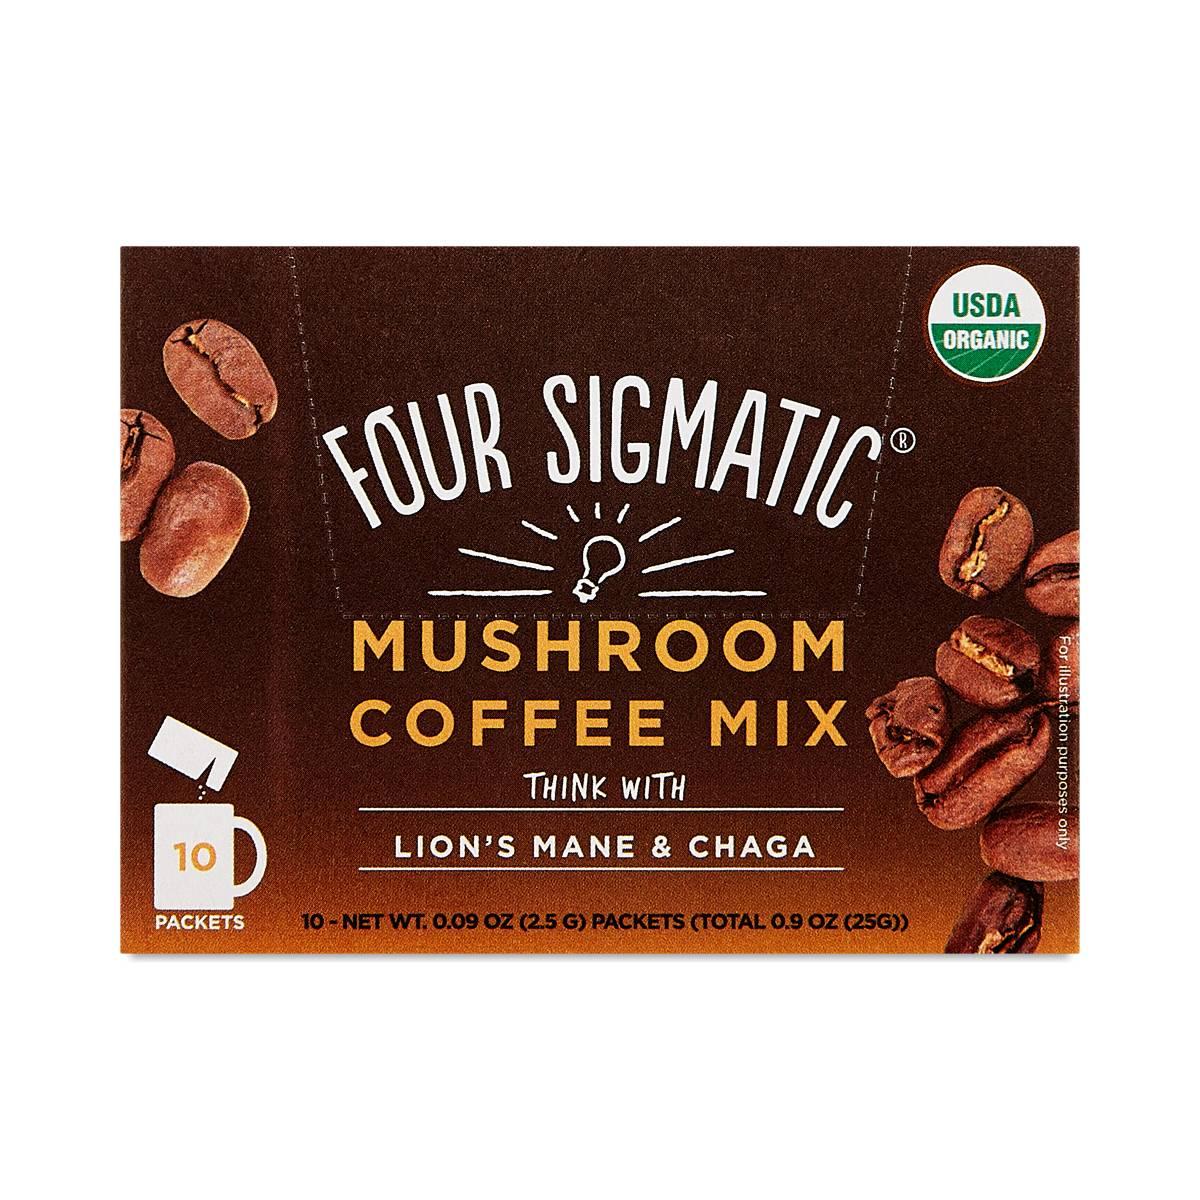 Lion's Mane & Chaga Mushroom Coffee Mix